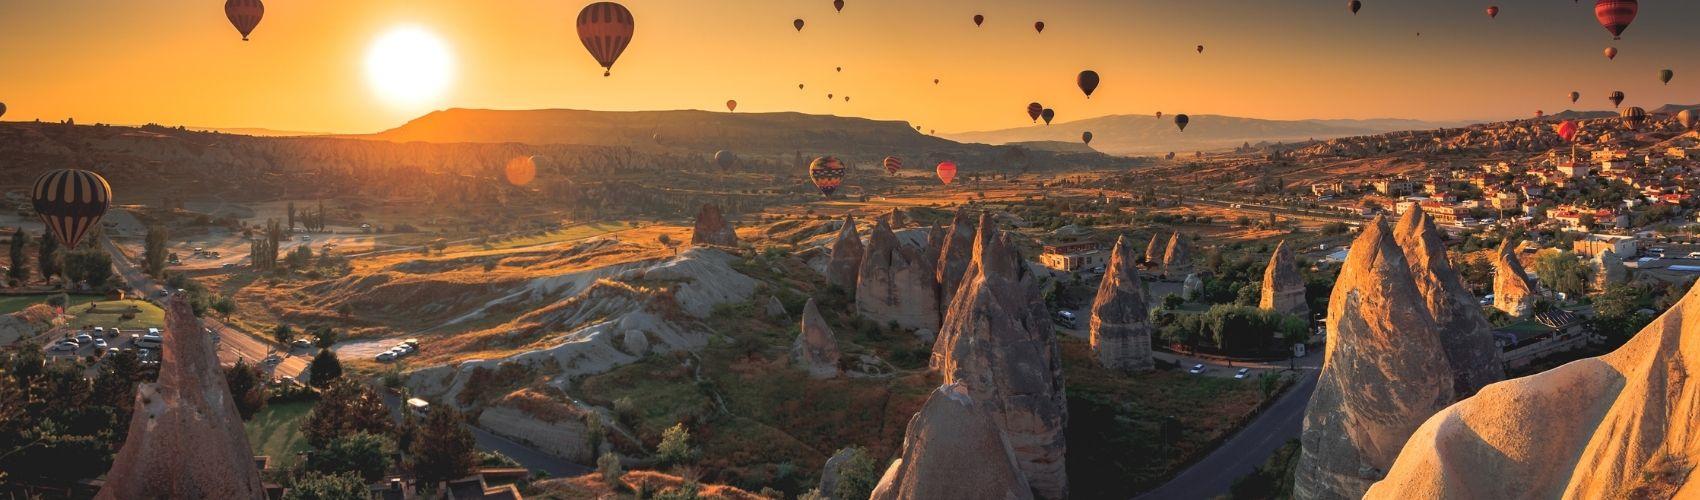 Private Cappadocia Tour from Ankara